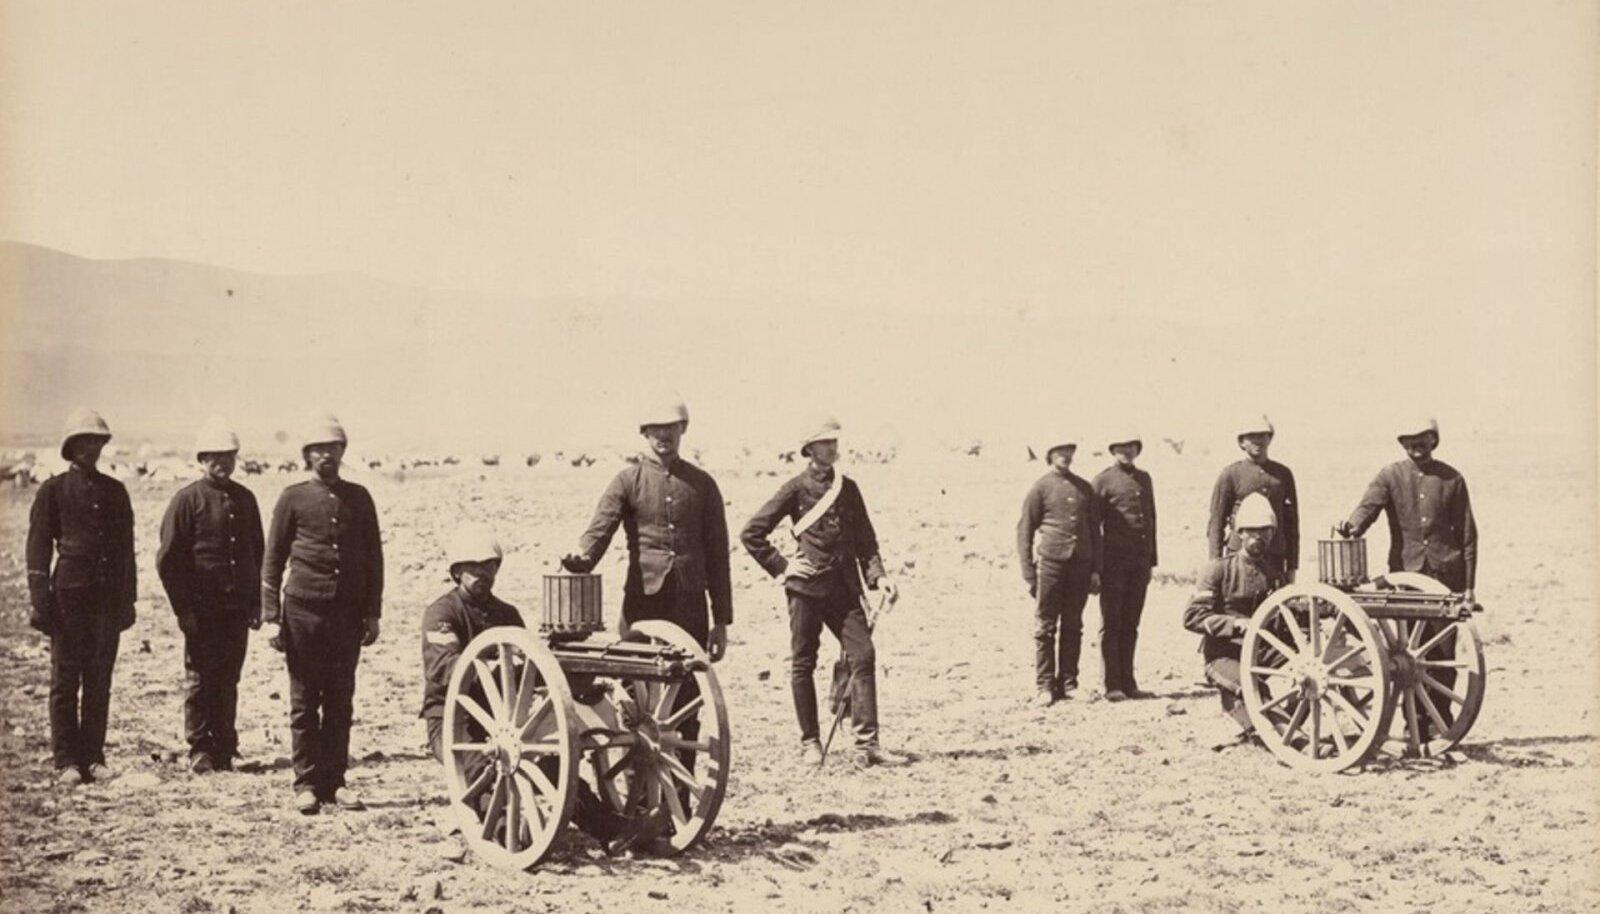 Briti sõdurid Gatlingi kuulipildujatega 1879. aastal Afganistanis (foto: Wikimedia Commons)